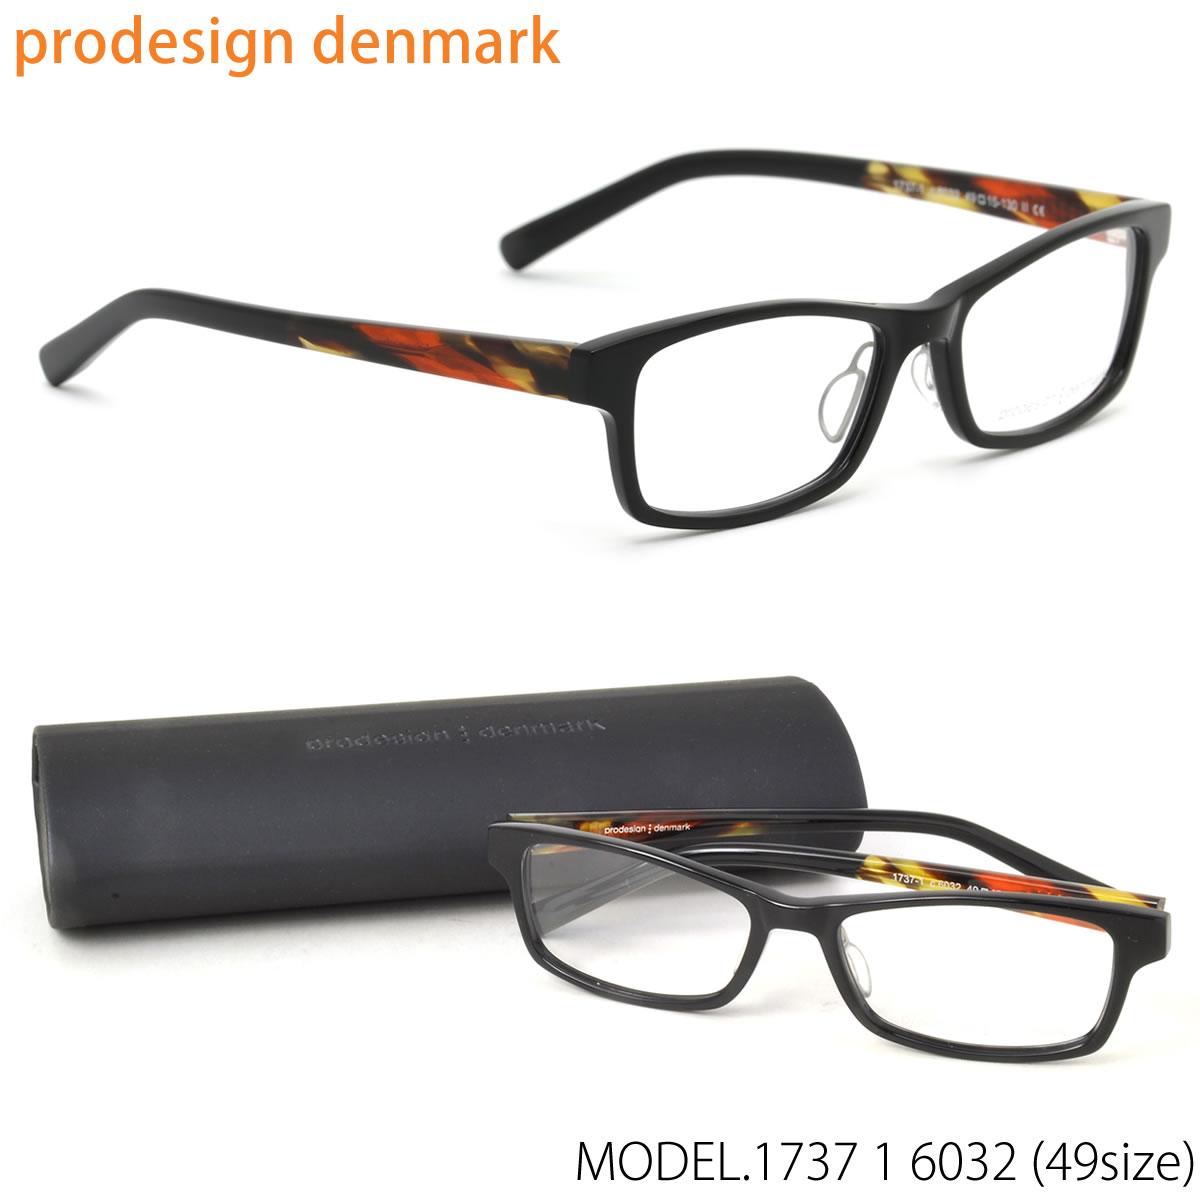 ほぼ全品ポイント15倍~最大43倍+3倍!お得なクーポンも! prodesign:denmark(プロデザインデンマーク) メガネ フレーム 1737-1 6032 49 北欧 スクエア 伊達メガネレンズ無料 プロデザインデンマーク prodesign:denmark メンズ レディース【LOS30】